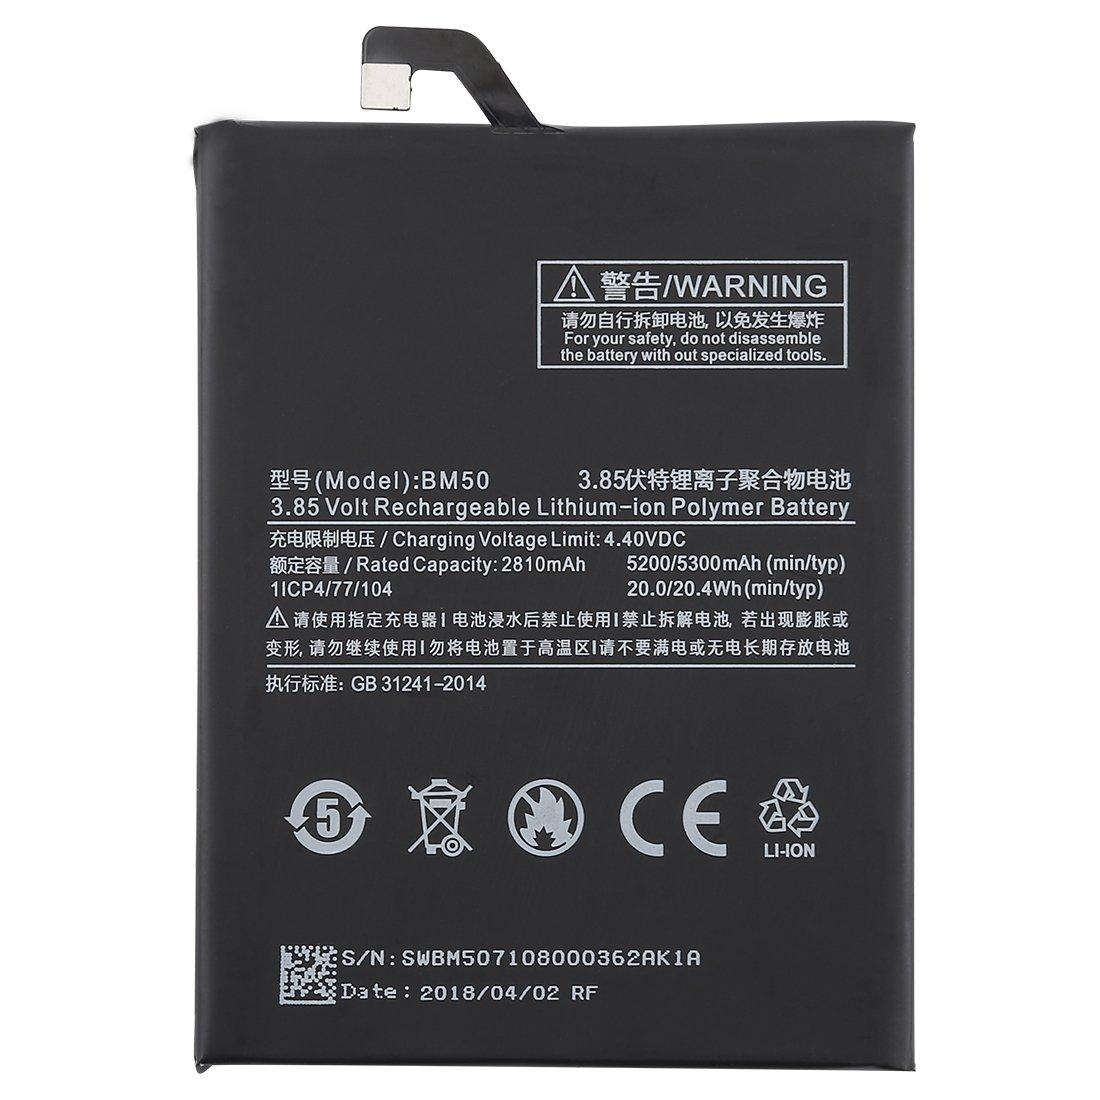 Batería BM50, Xiaomi Mi Max 2